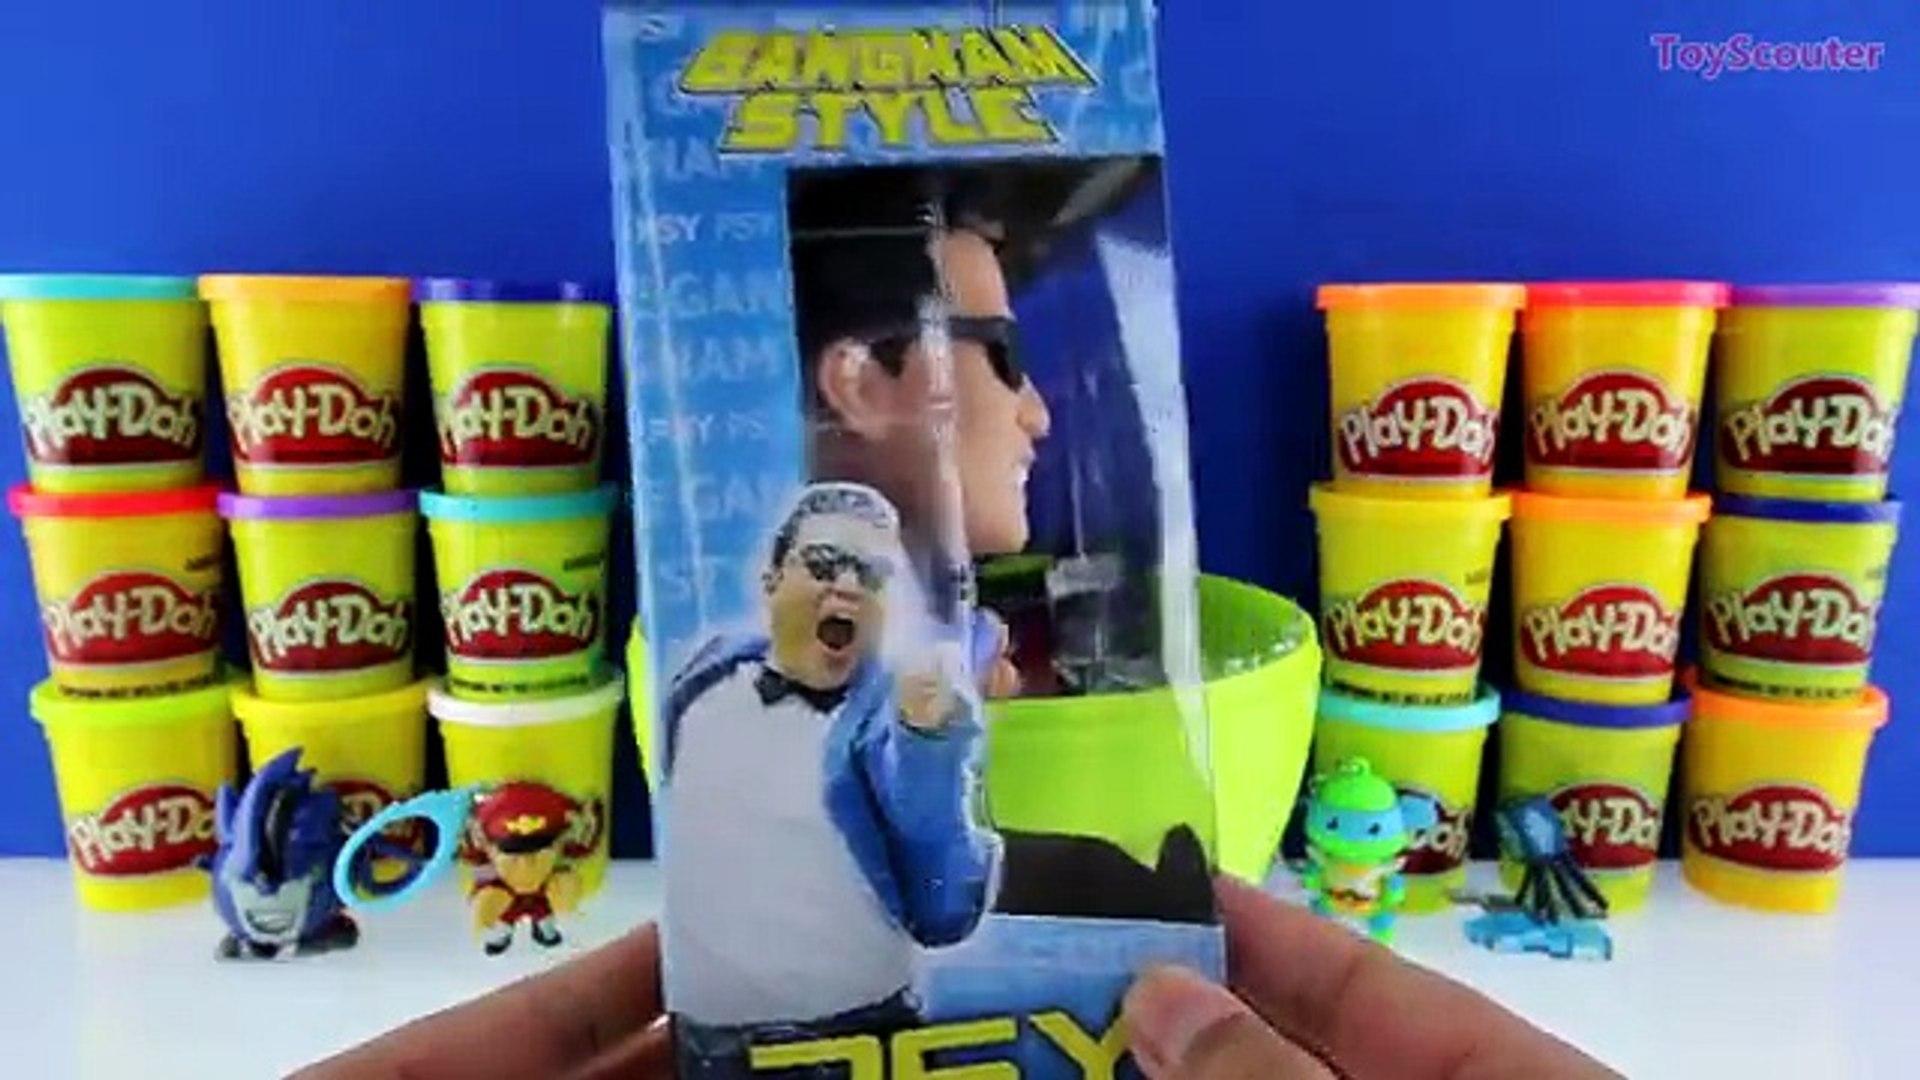 GIANT PSY Surprise Egg Play Doh - Korean Pop Singer Toys Album TMNT Transformers GIANT WIN